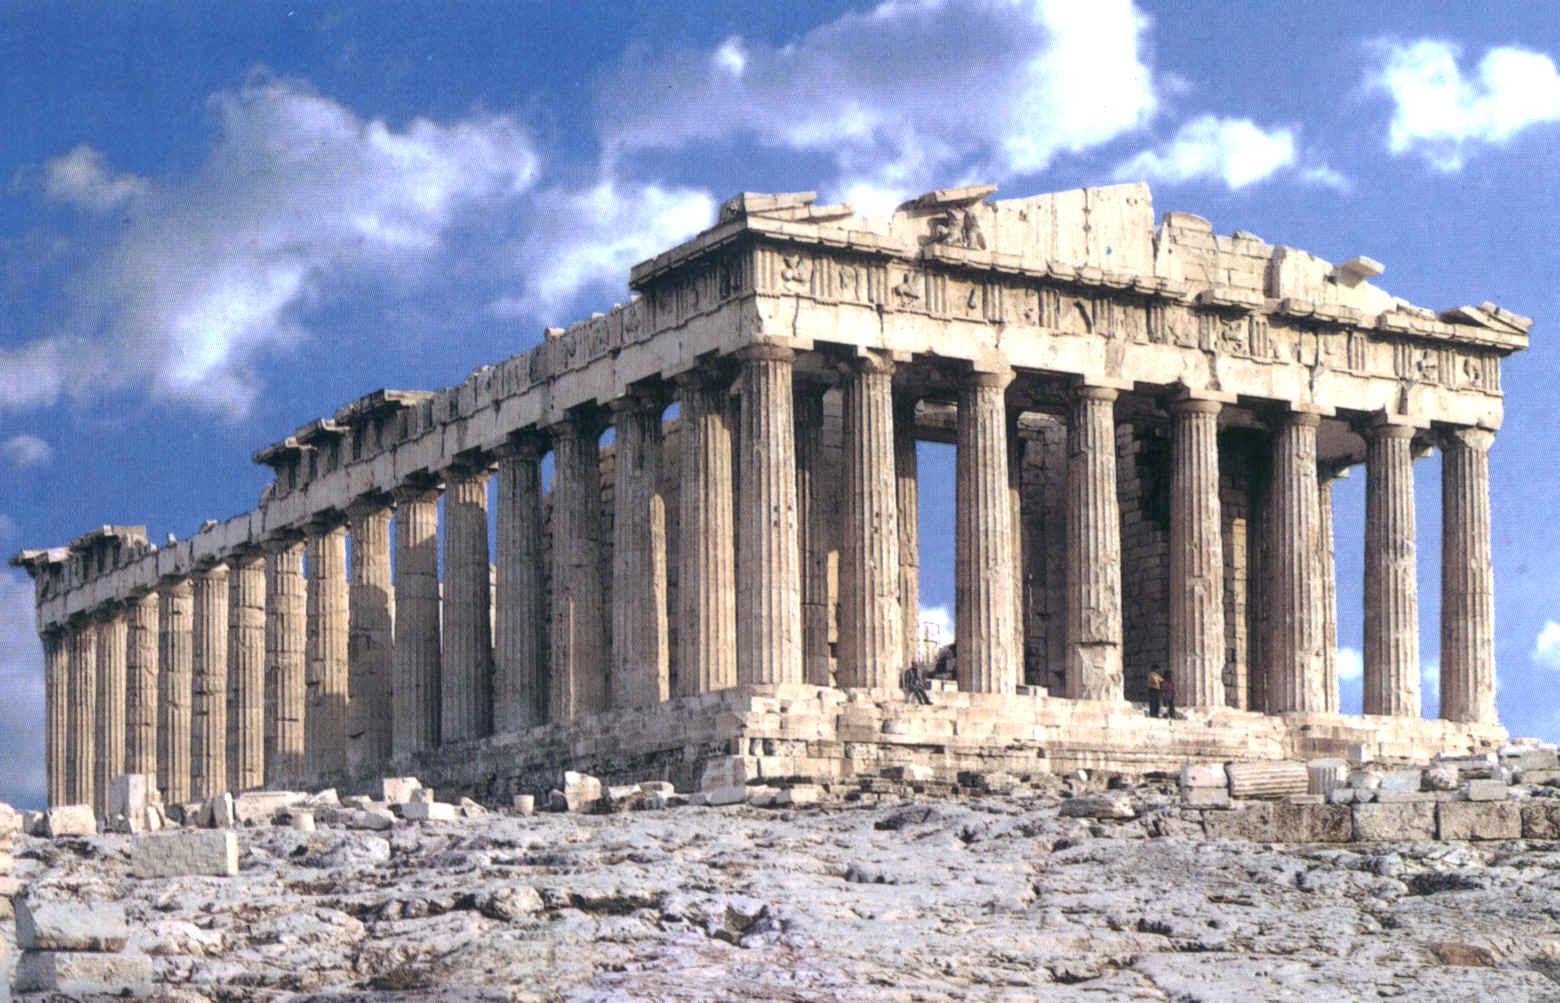 Aportes culturales griegos for Imagenes arquitectura